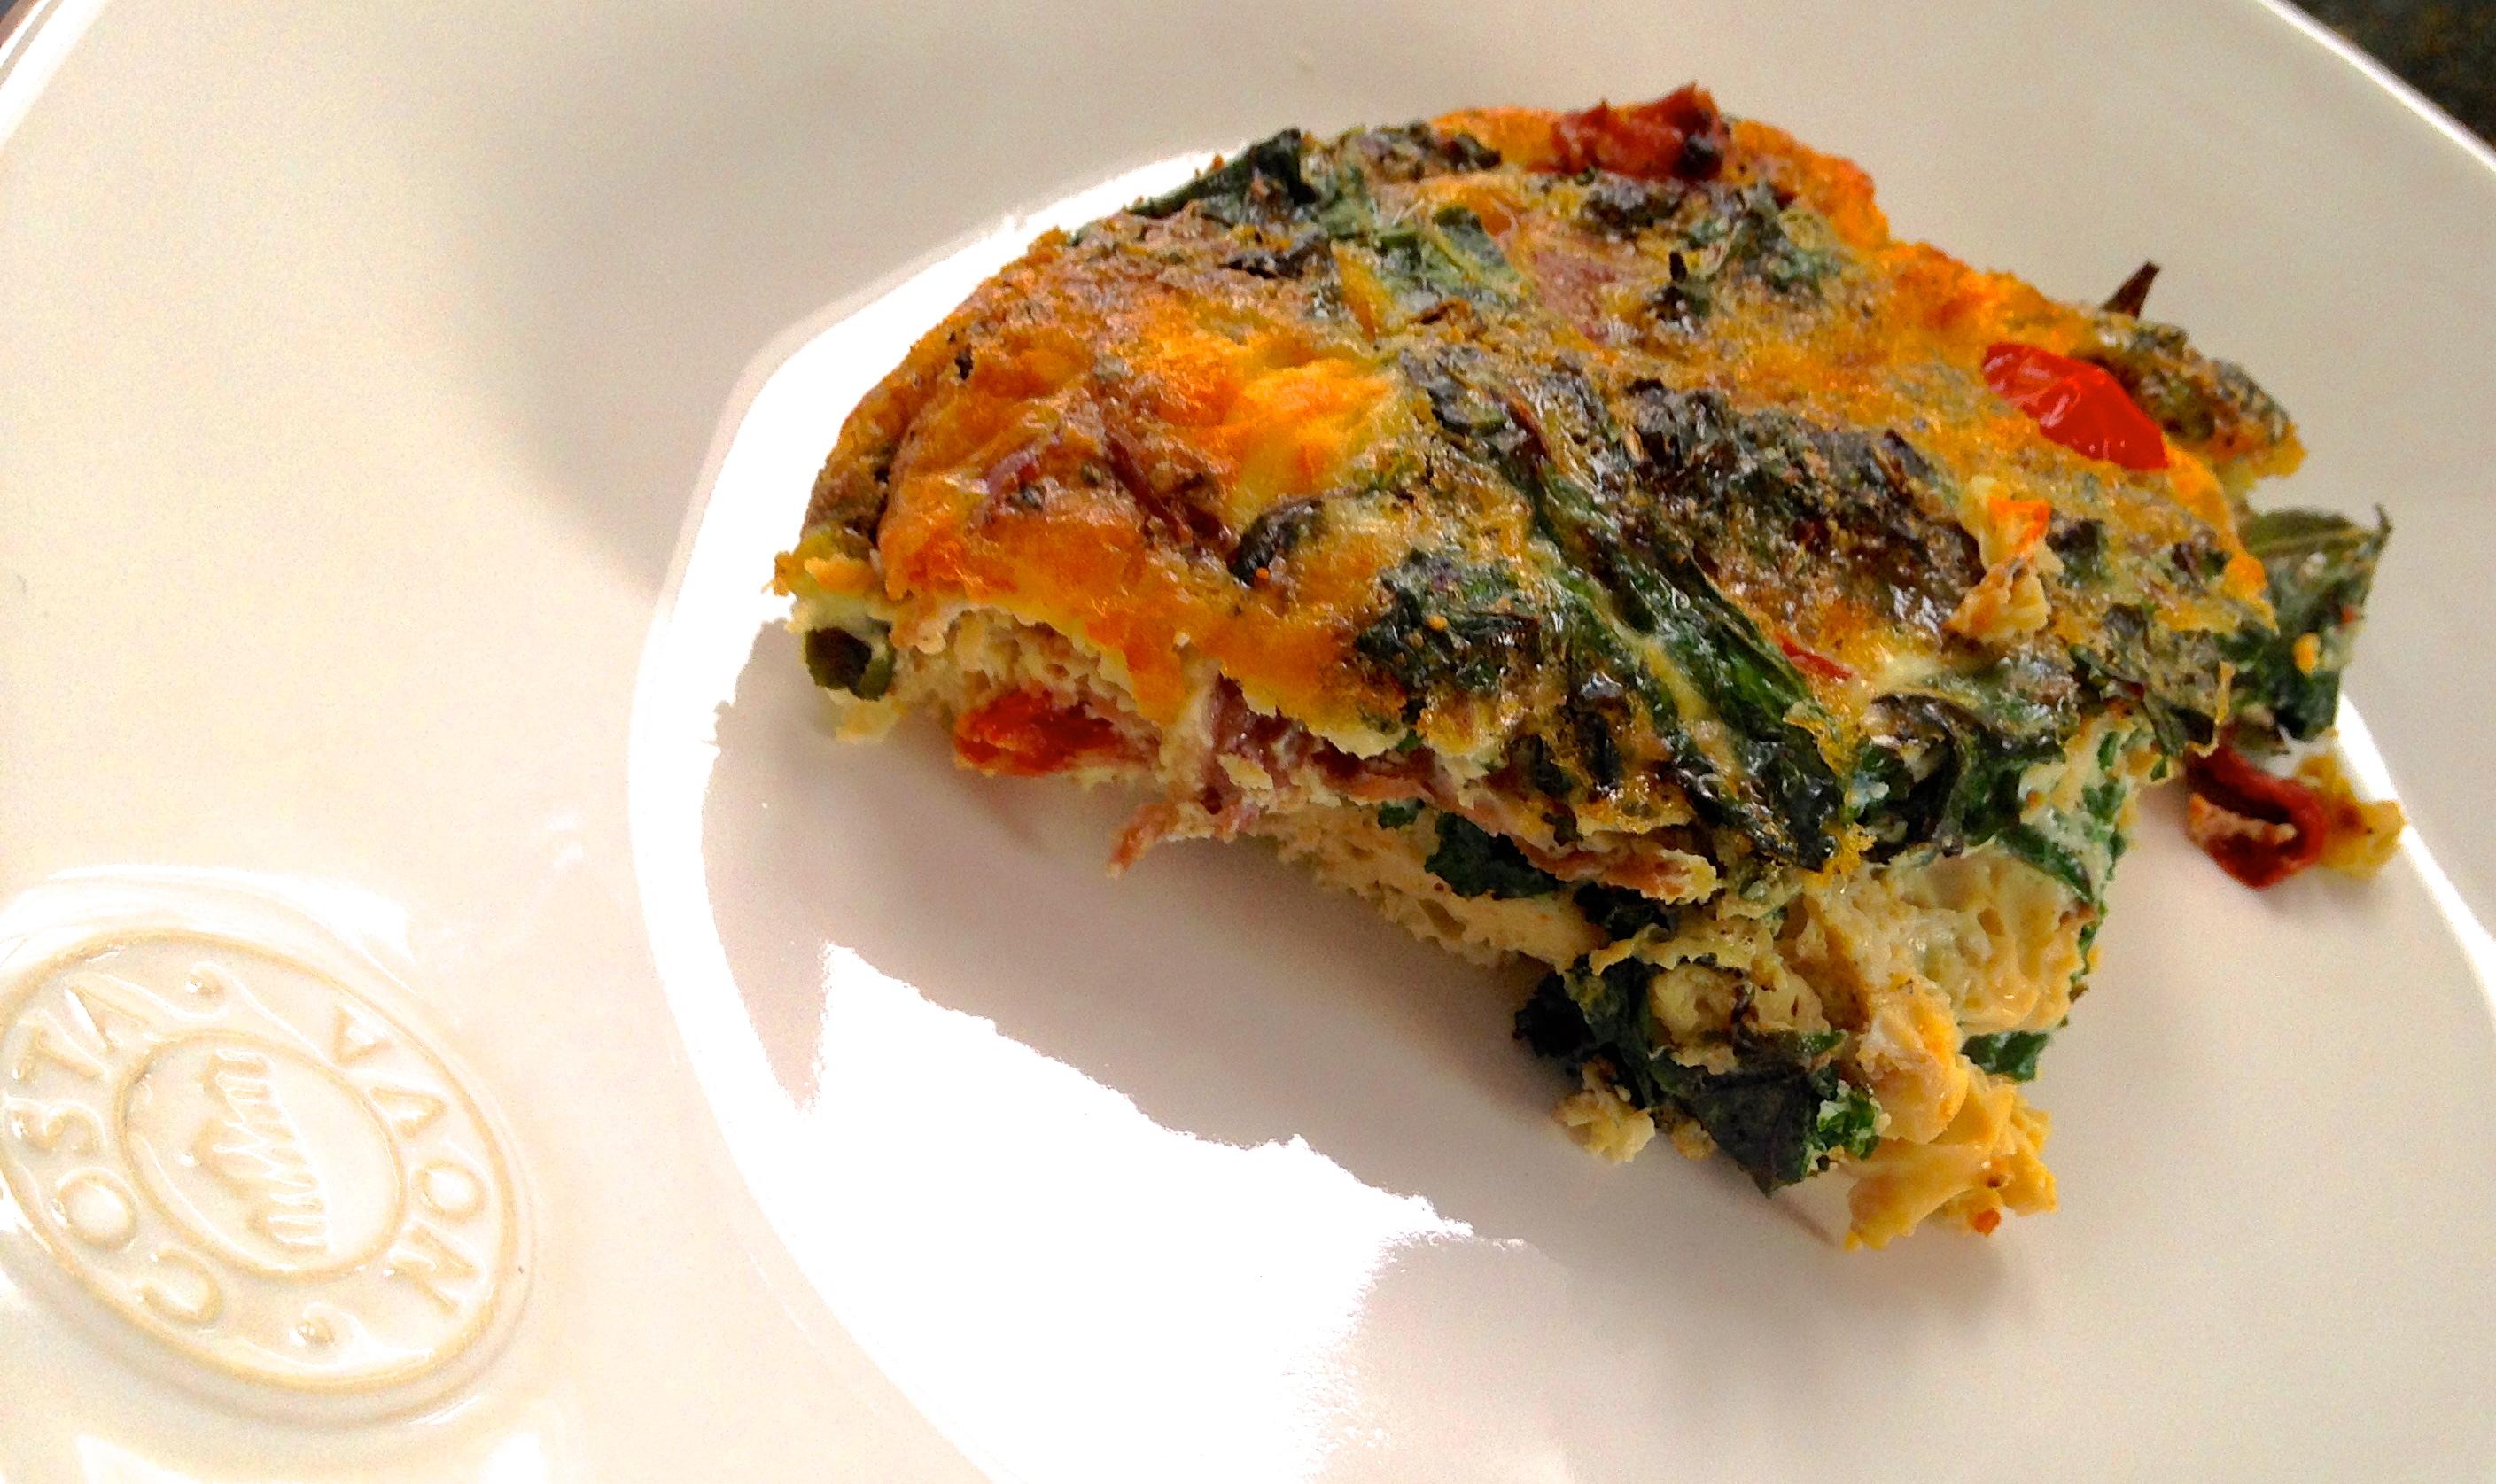 Crustless Kale & Prosciutto Quiche